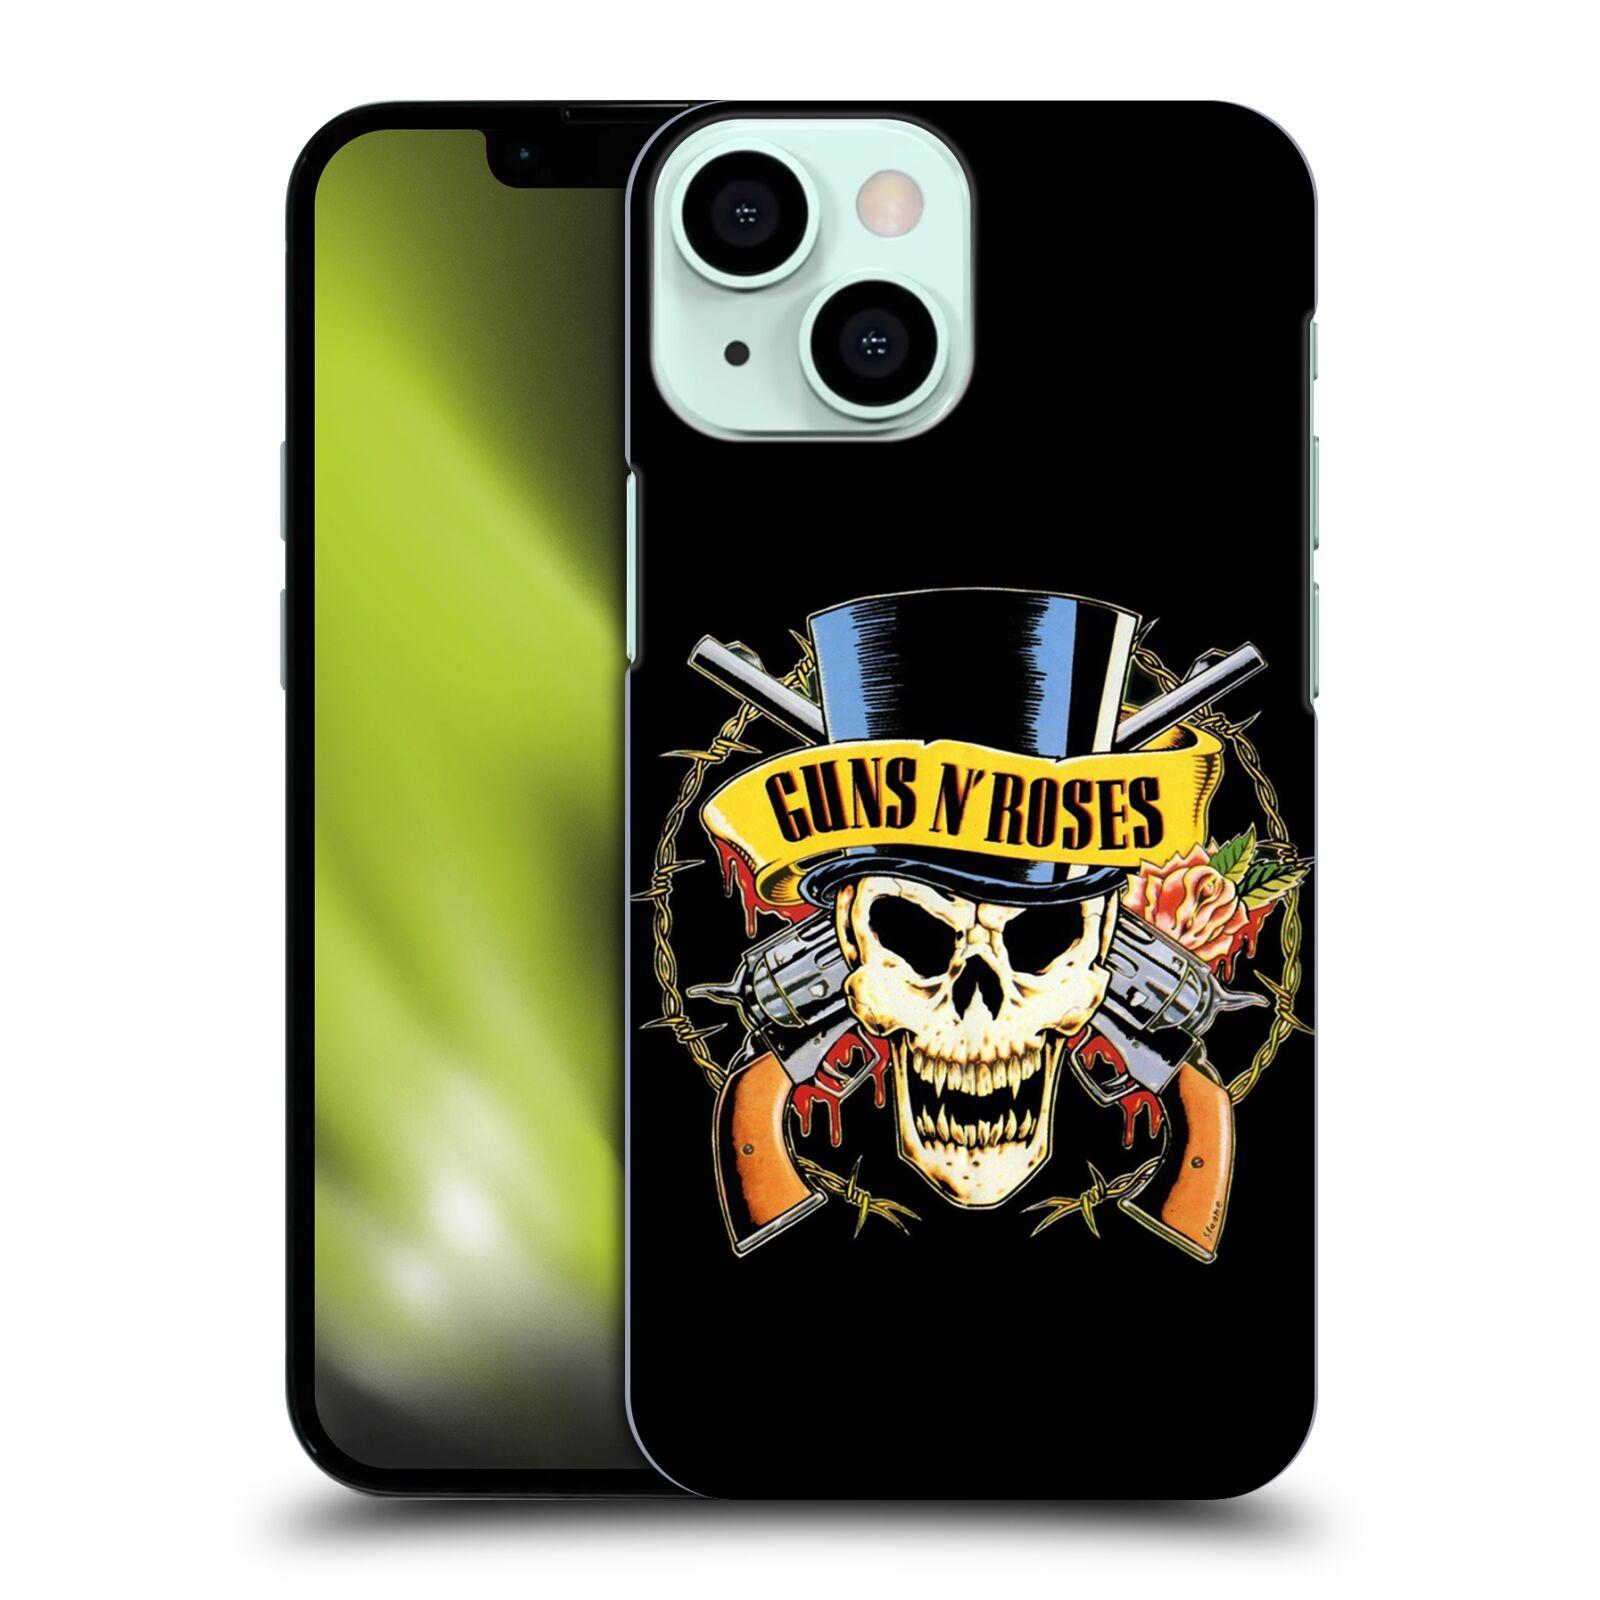 Plastové pouzdro na mobil Apple iPhone 13 Mini - Head Case - Guns N' Roses - Lebka